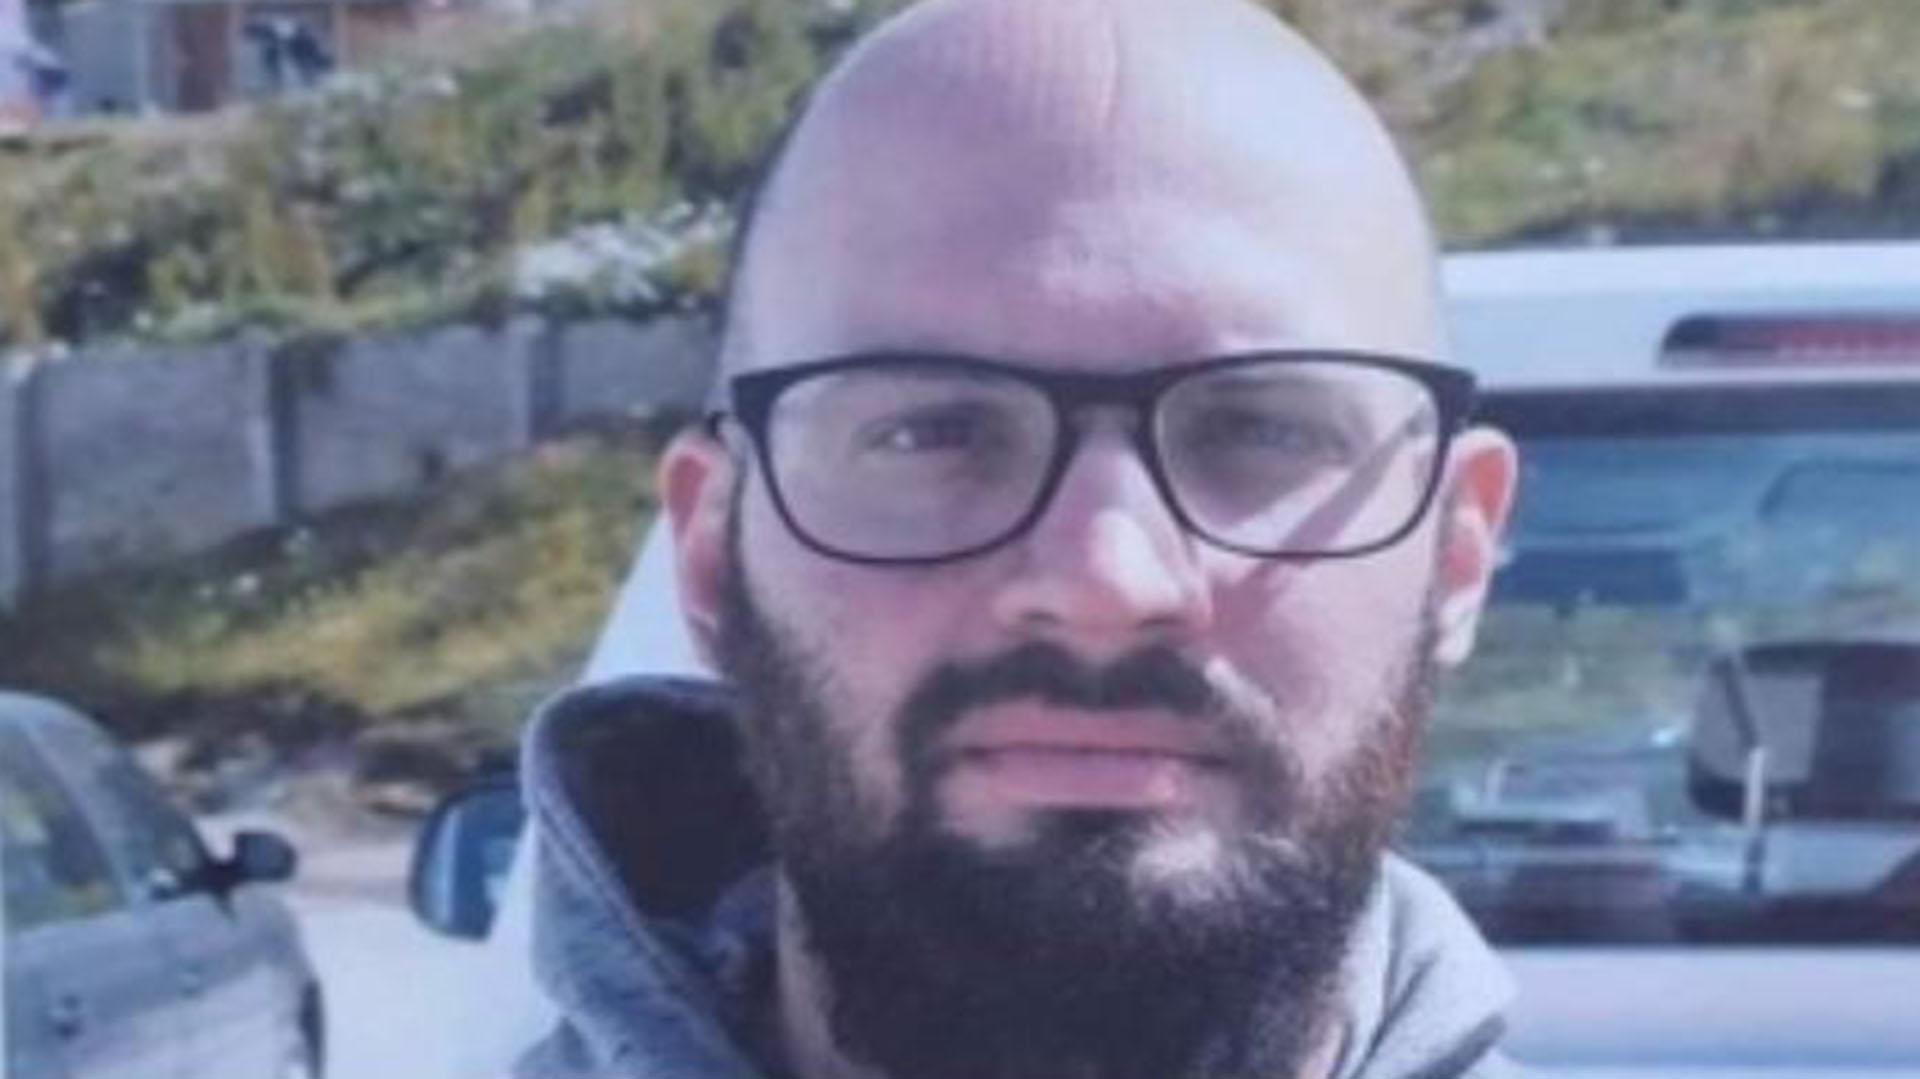 Daniel Duarte Luna tiene 28 años. Fue visto por última vez el martes 30 de abril. Su aspecto actual es similar al de esta imagen